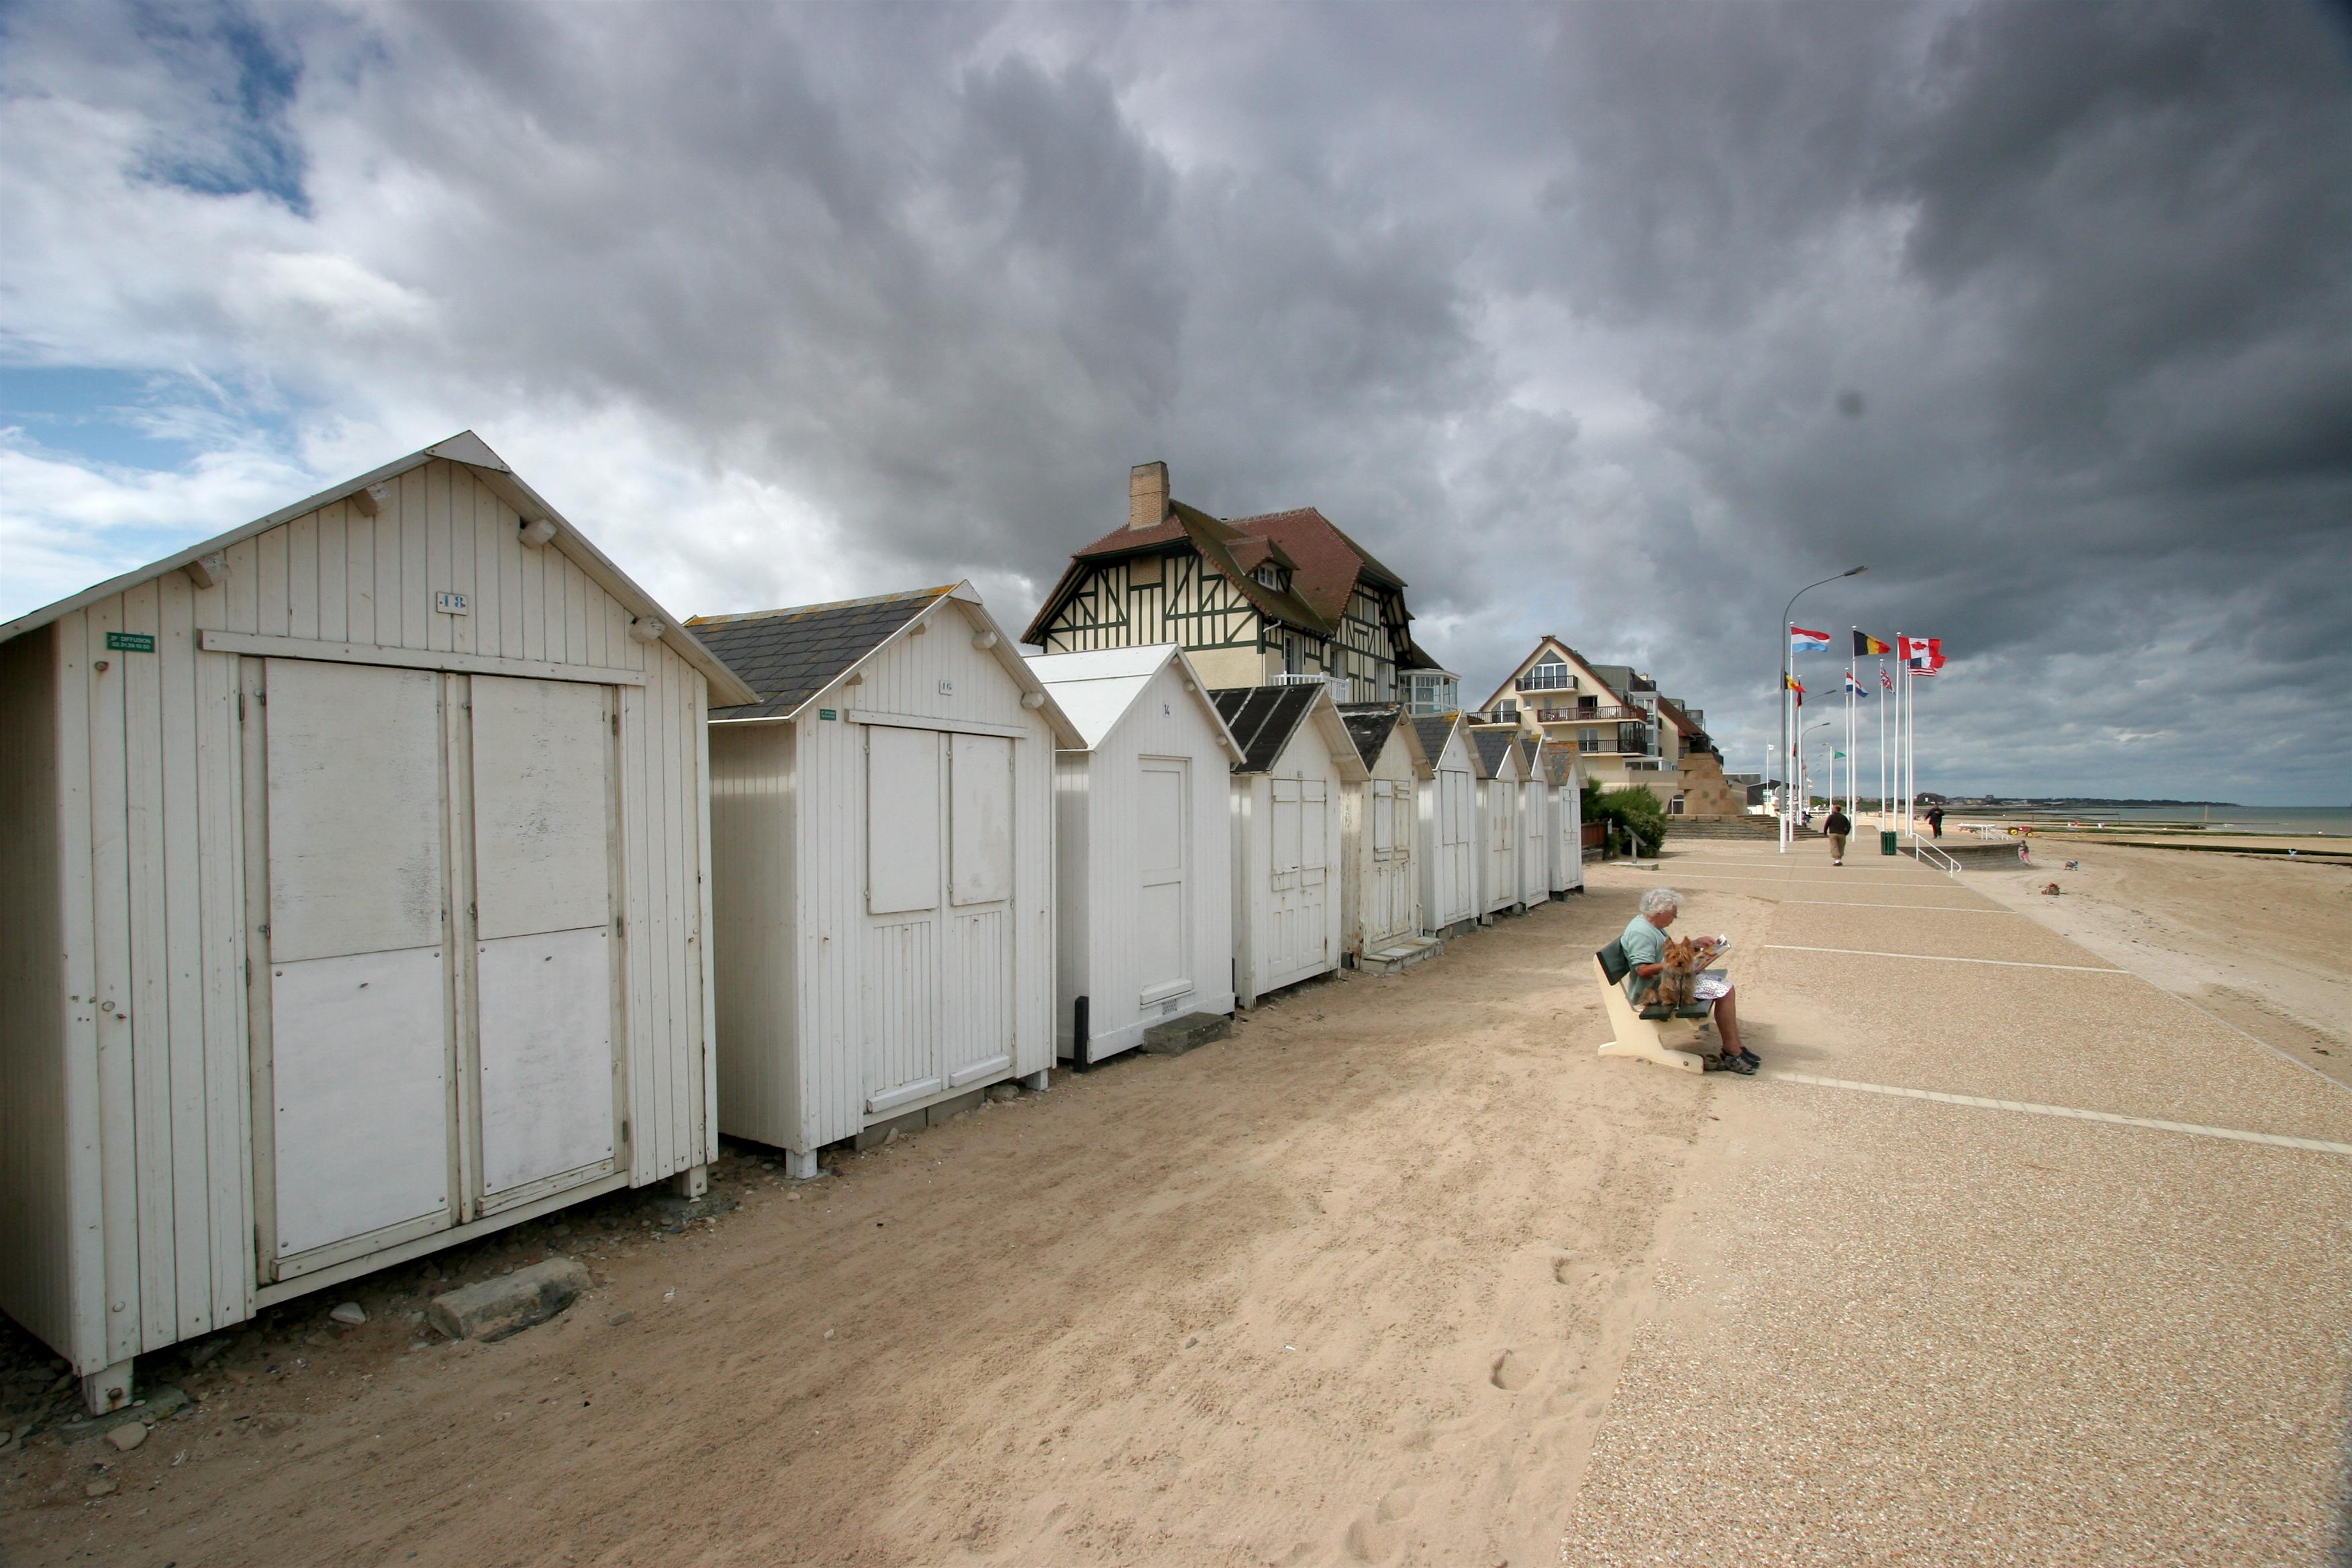 File bernieres sur mer wikimedia commons - Office de tourisme bernieres sur mer ...